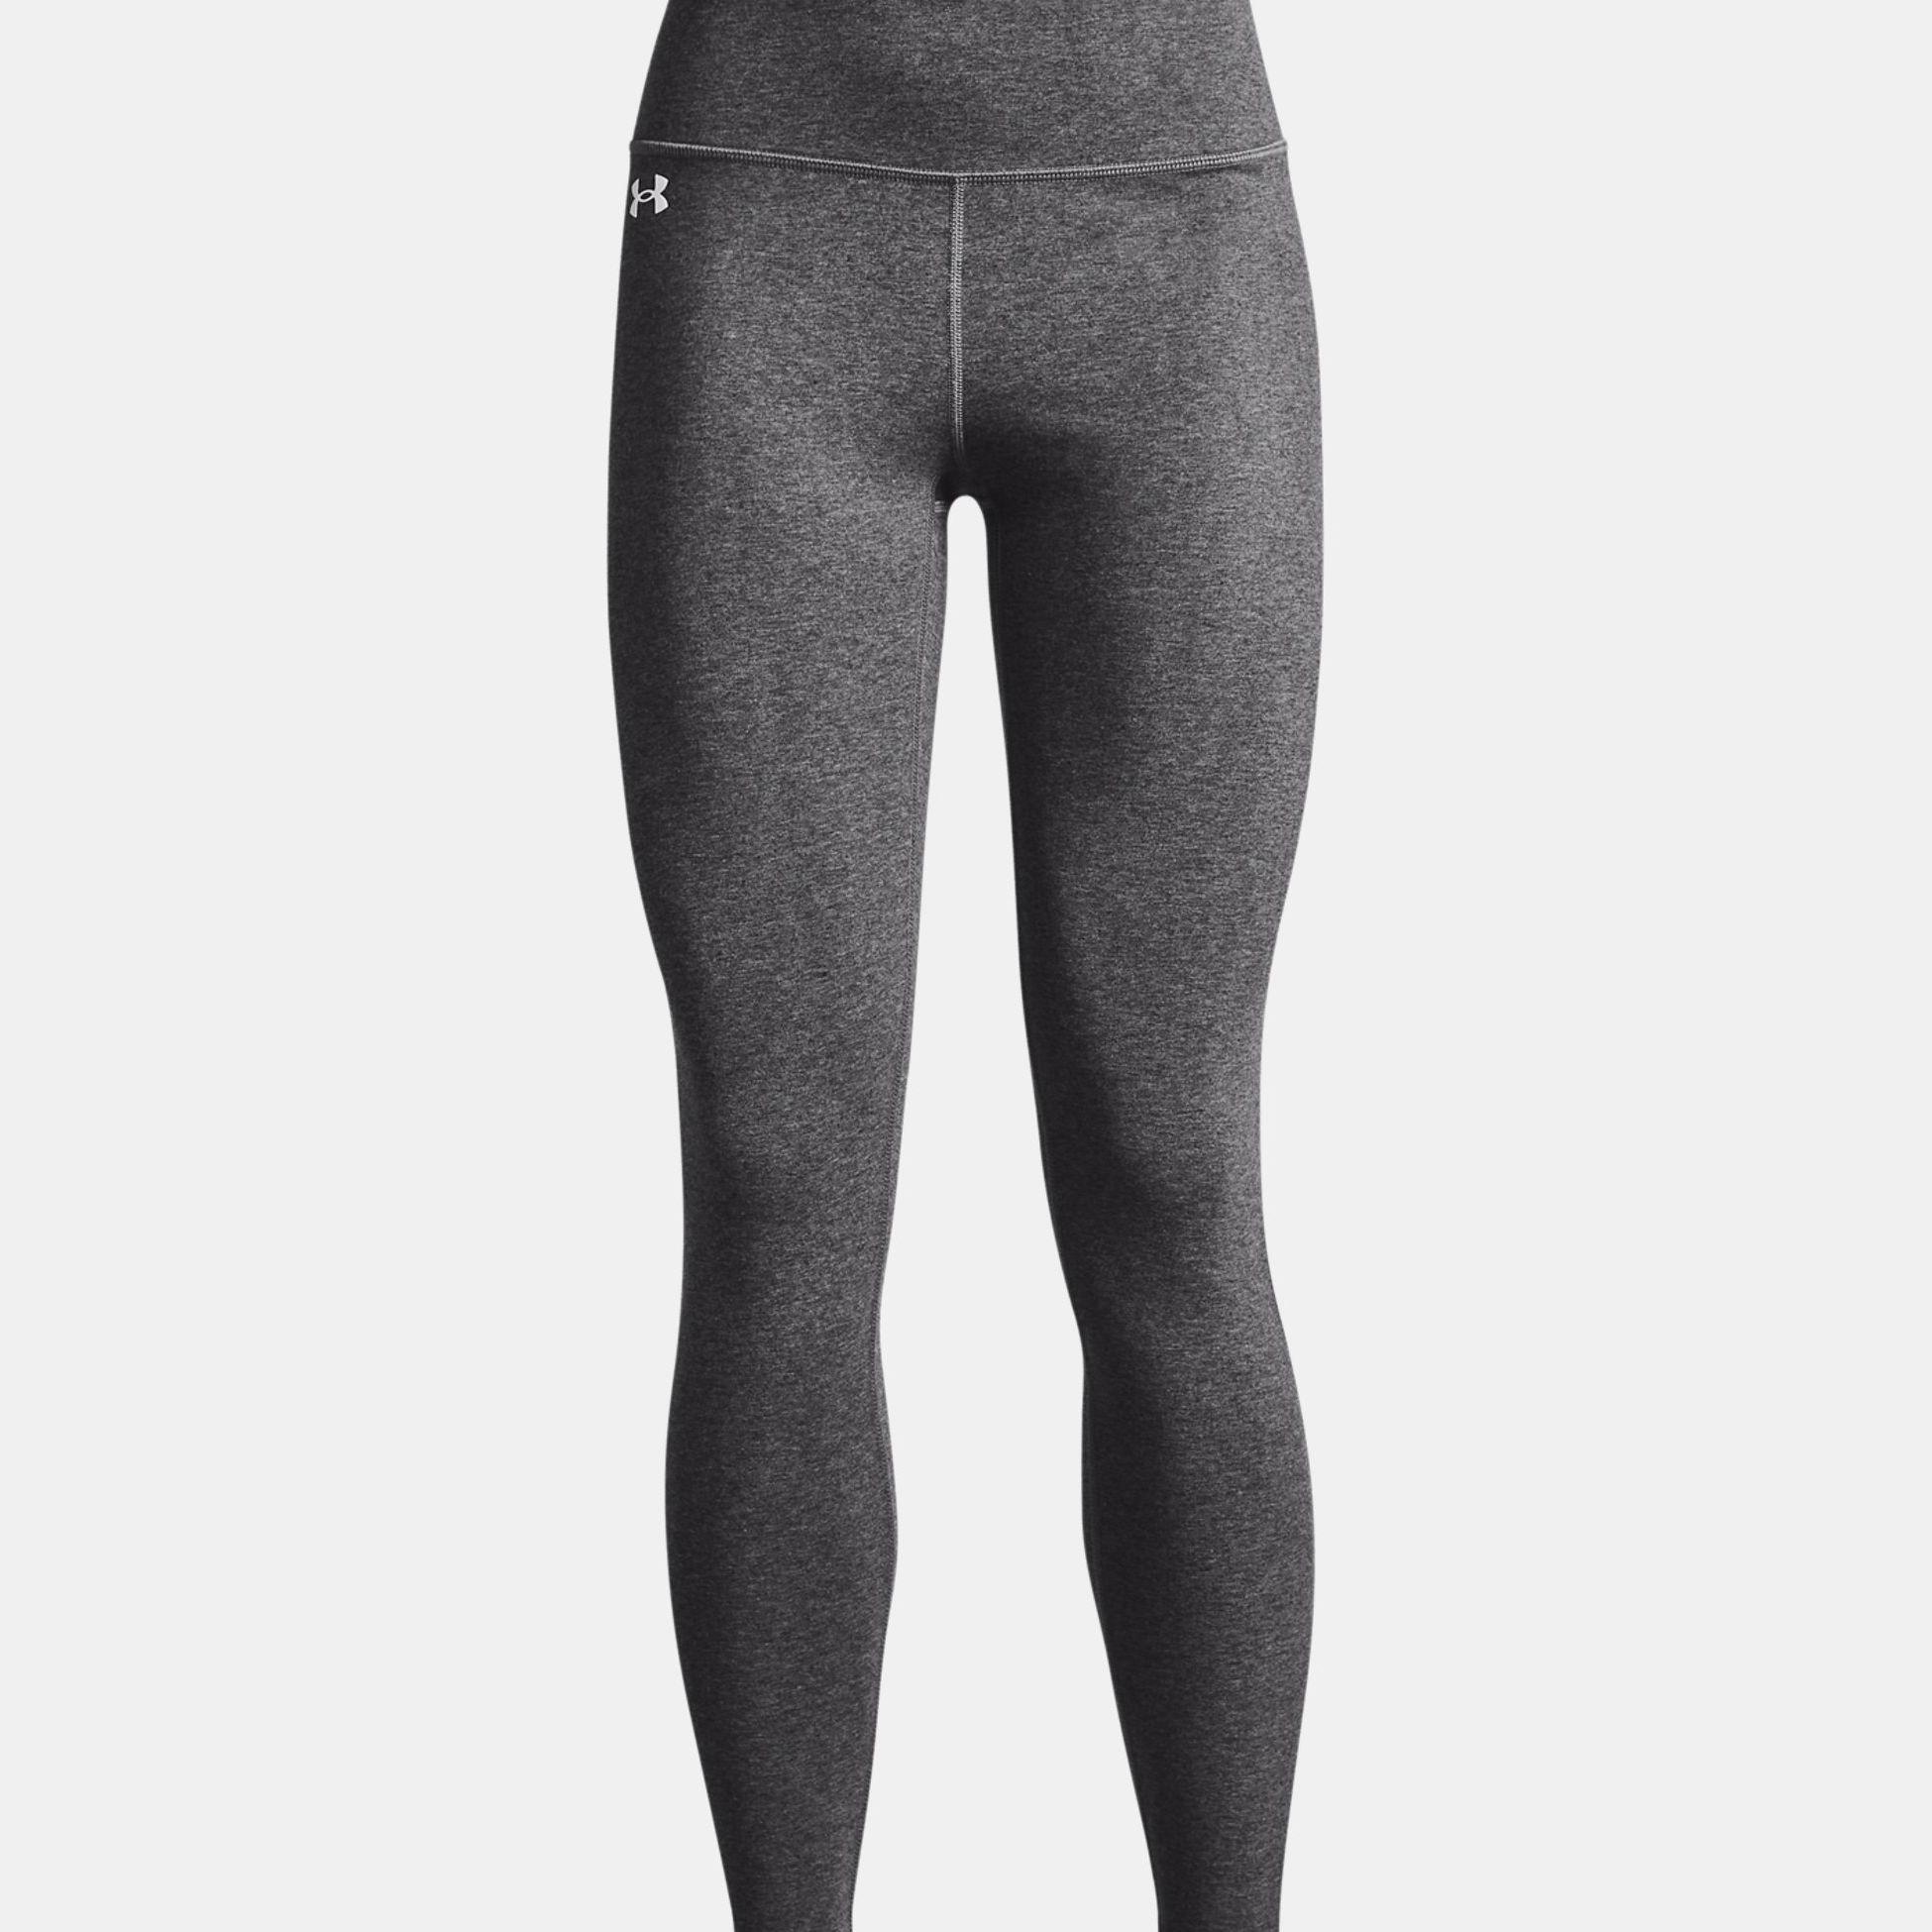 Clothing -  under armour UA Favorite Hi-Rise Leggings